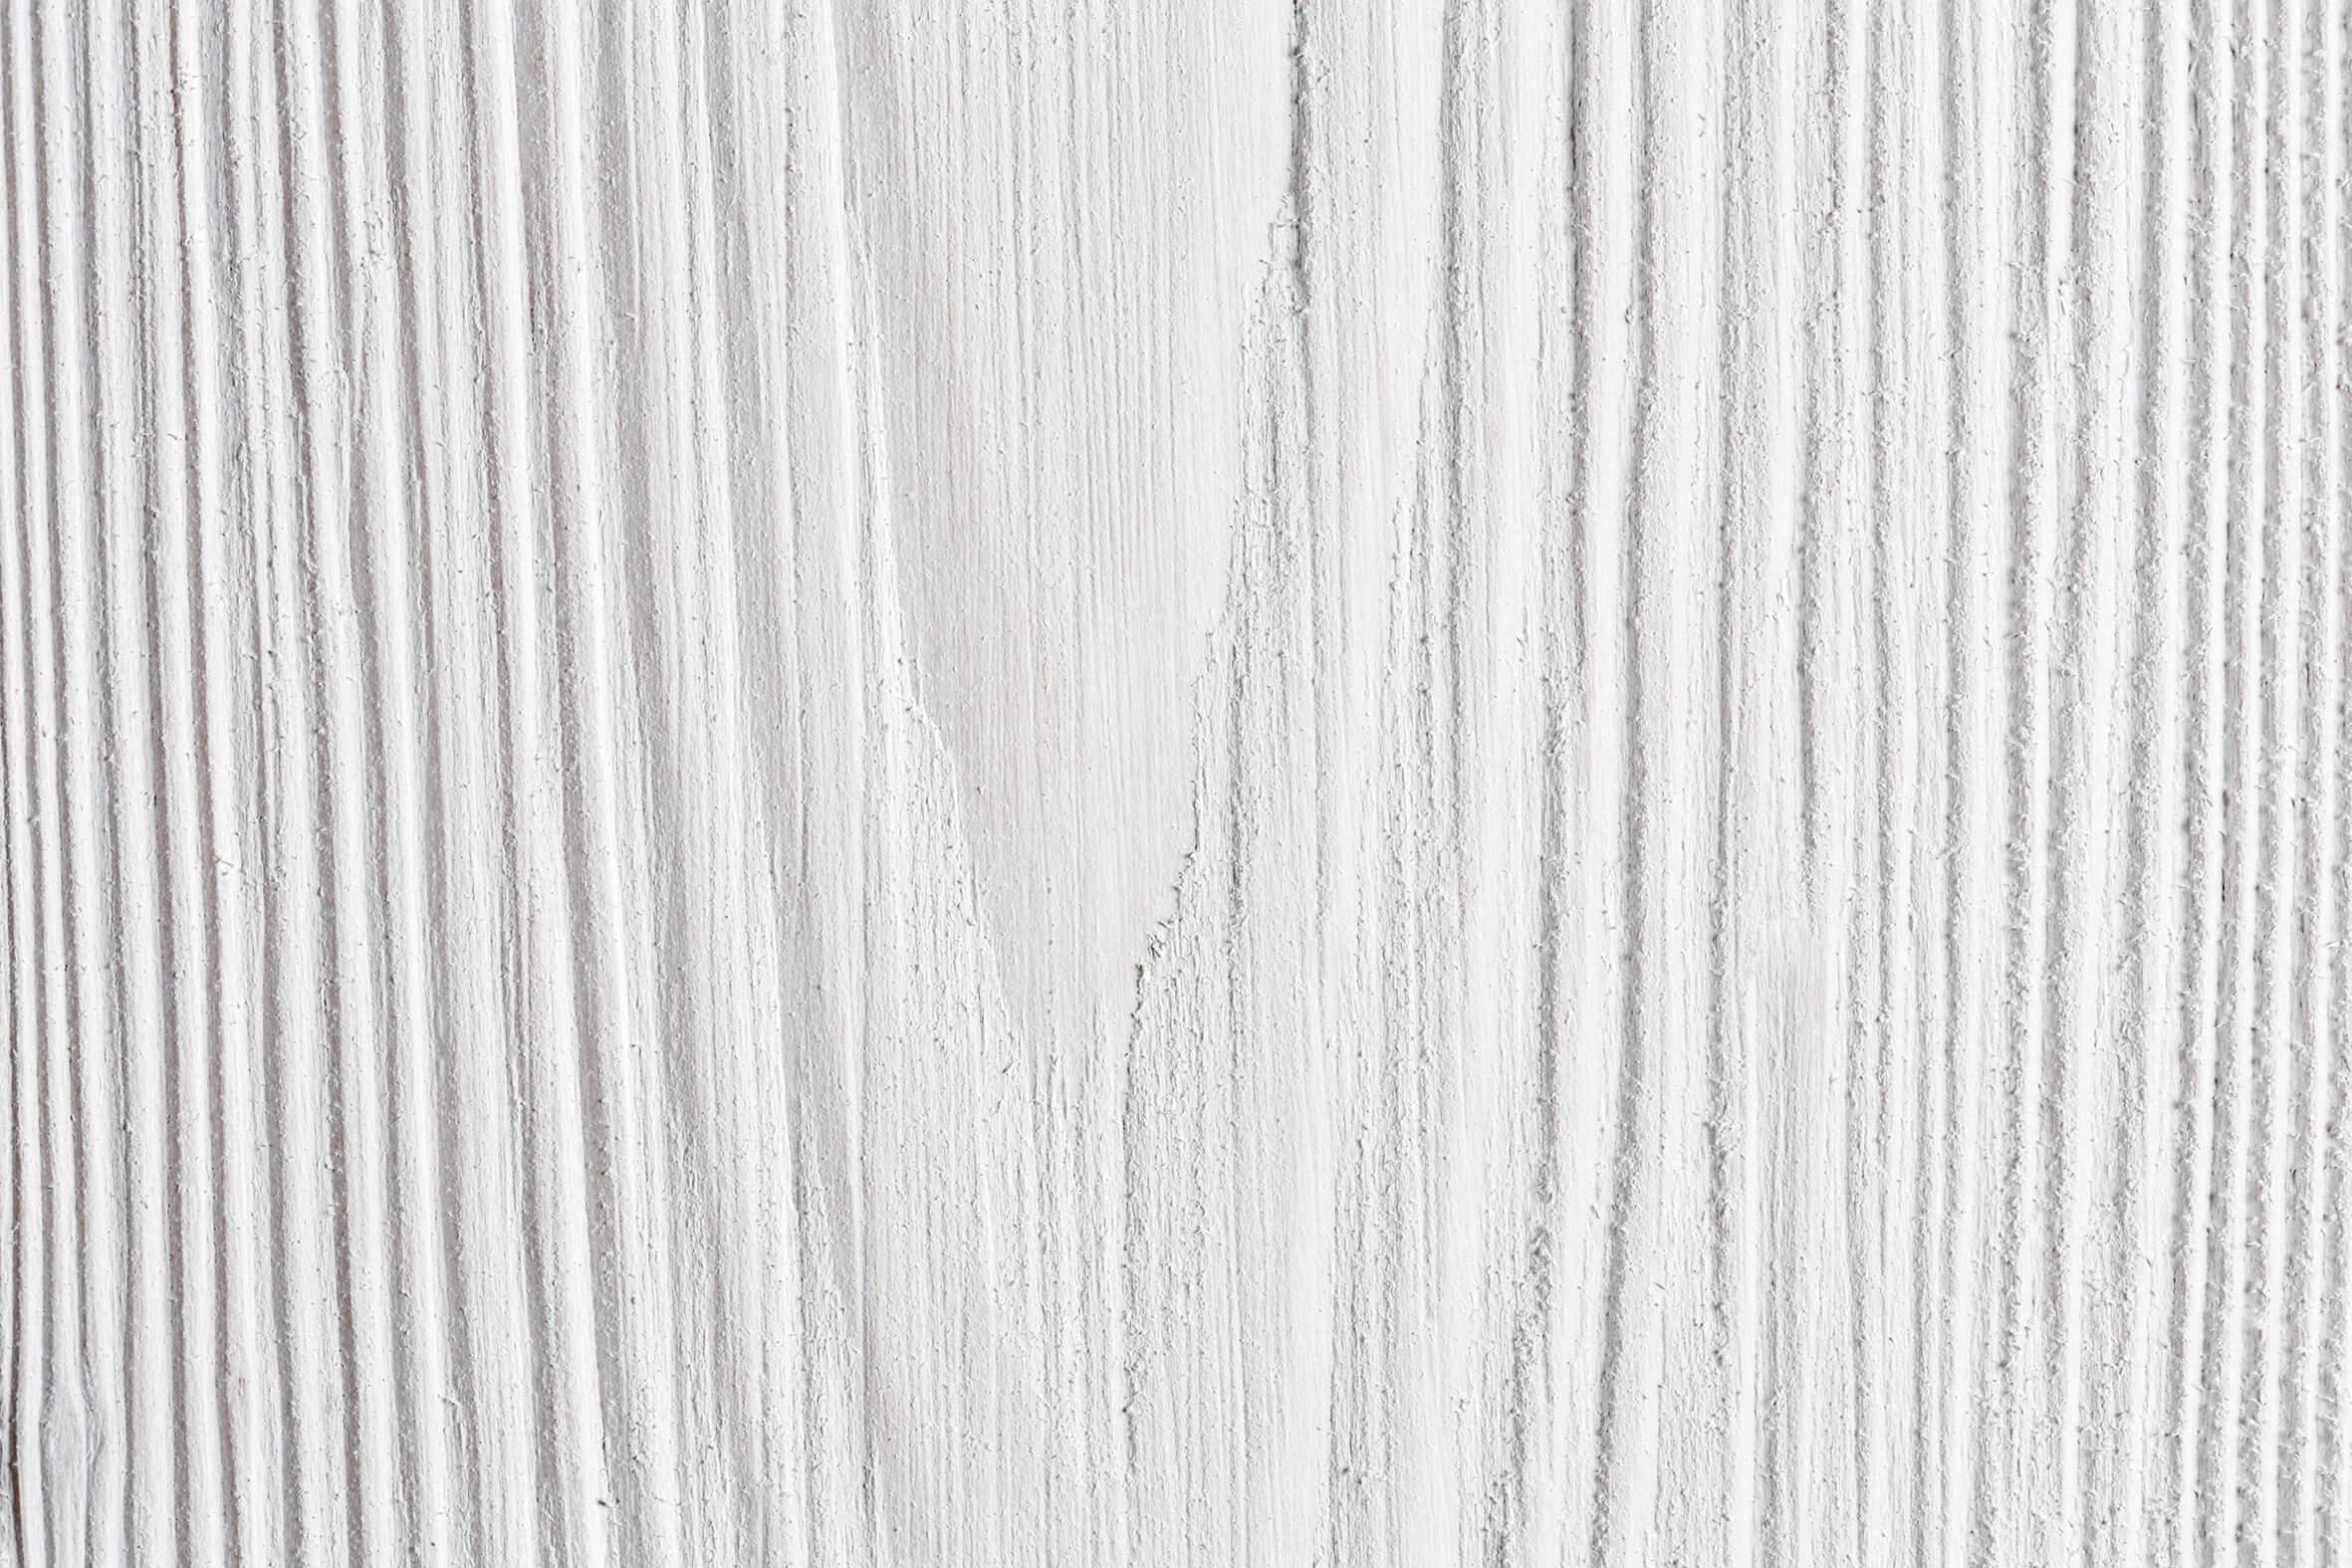 Trattamento superficiale Bianco spazzolato